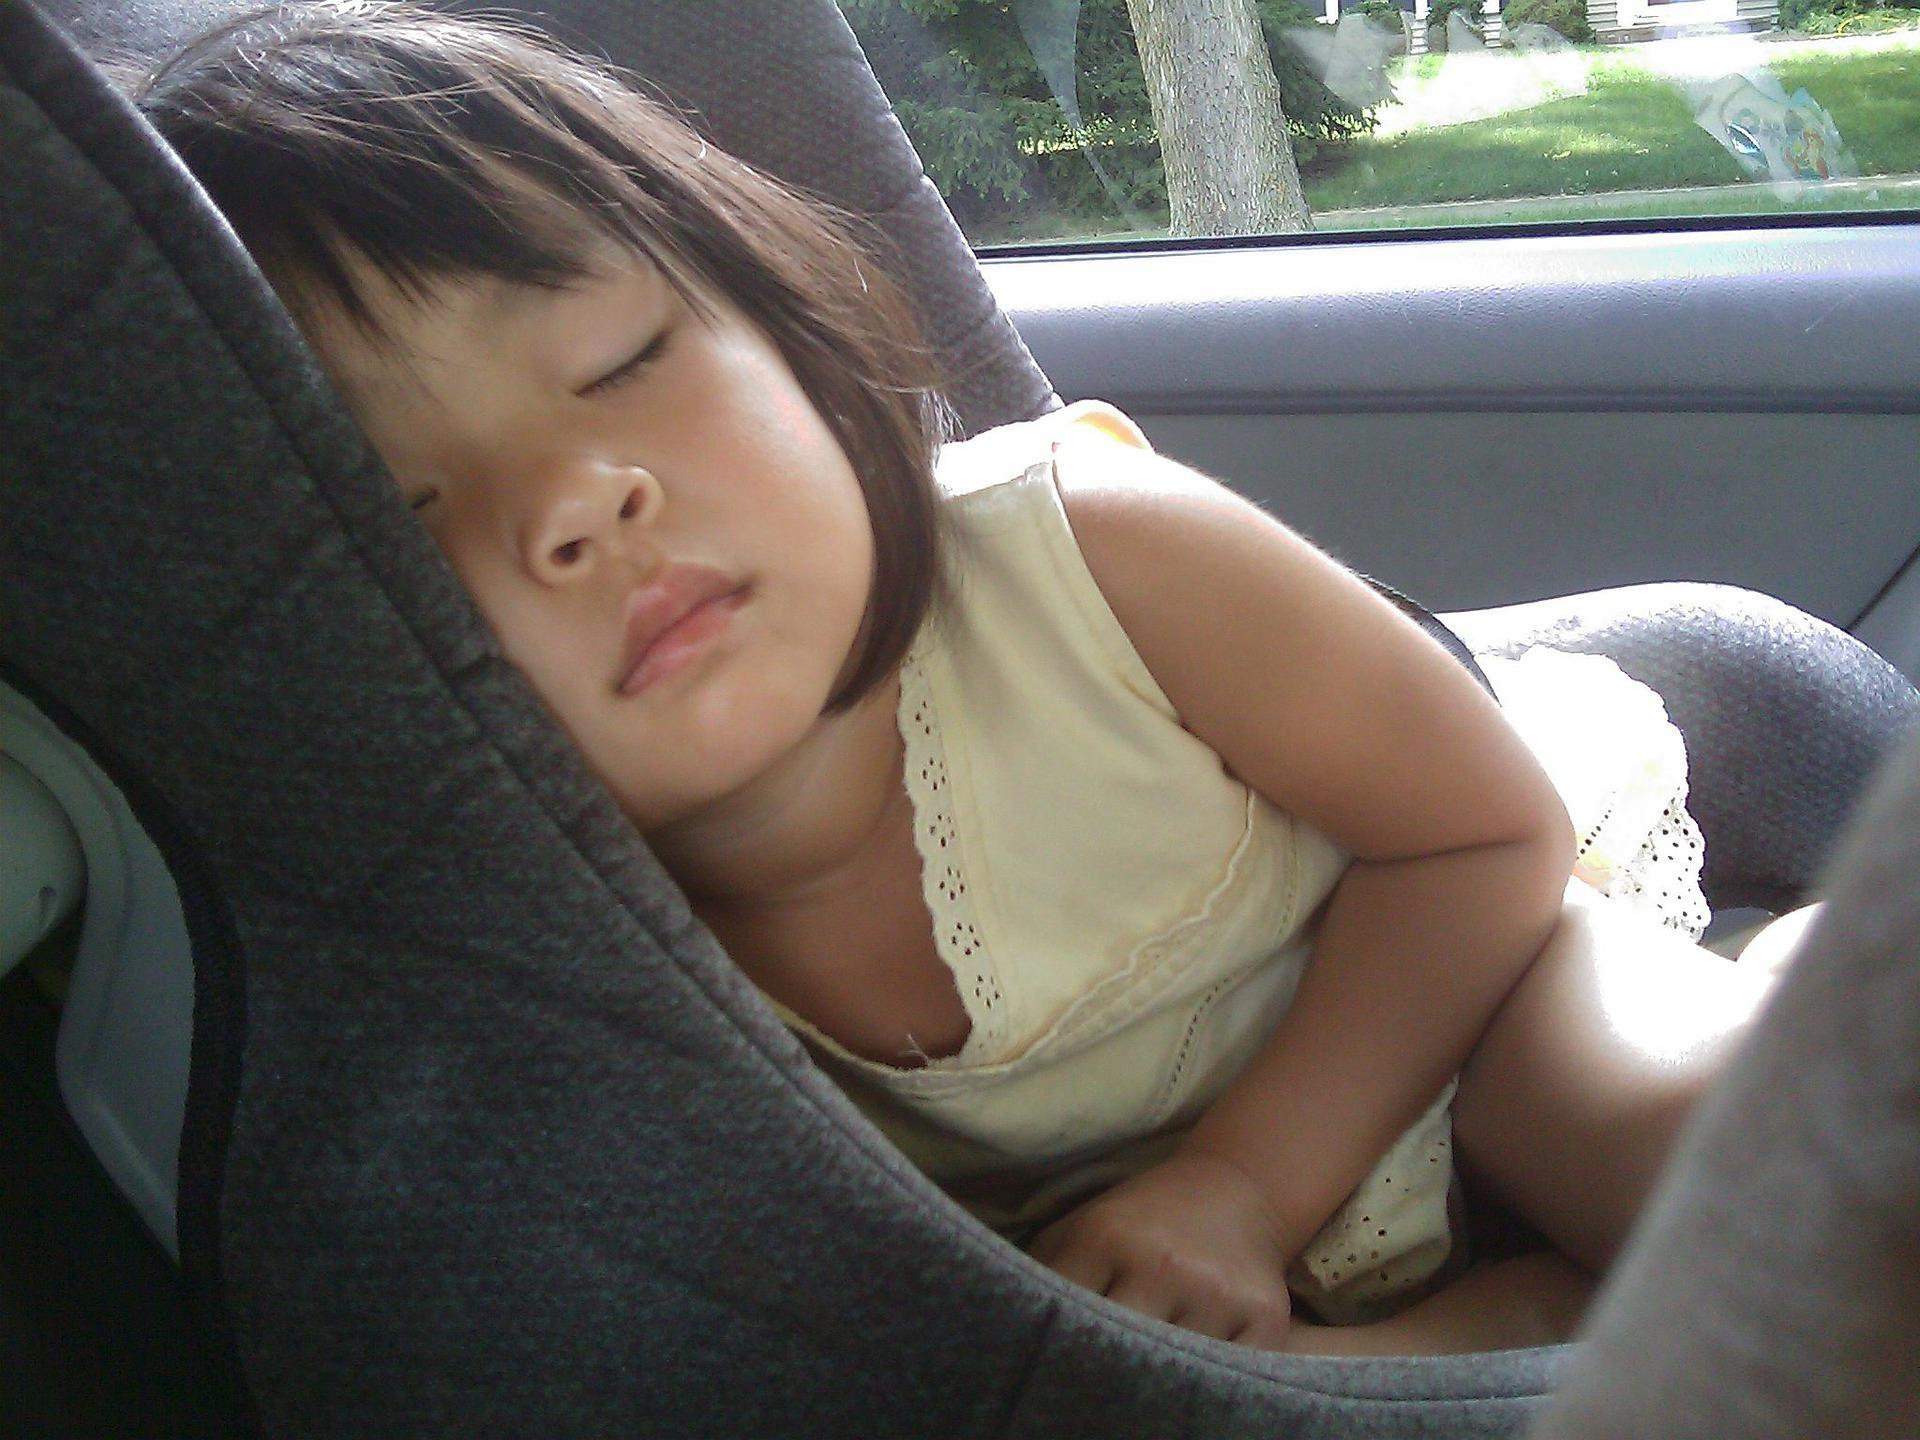 nino-dormir-asiento-de-coche.jpg